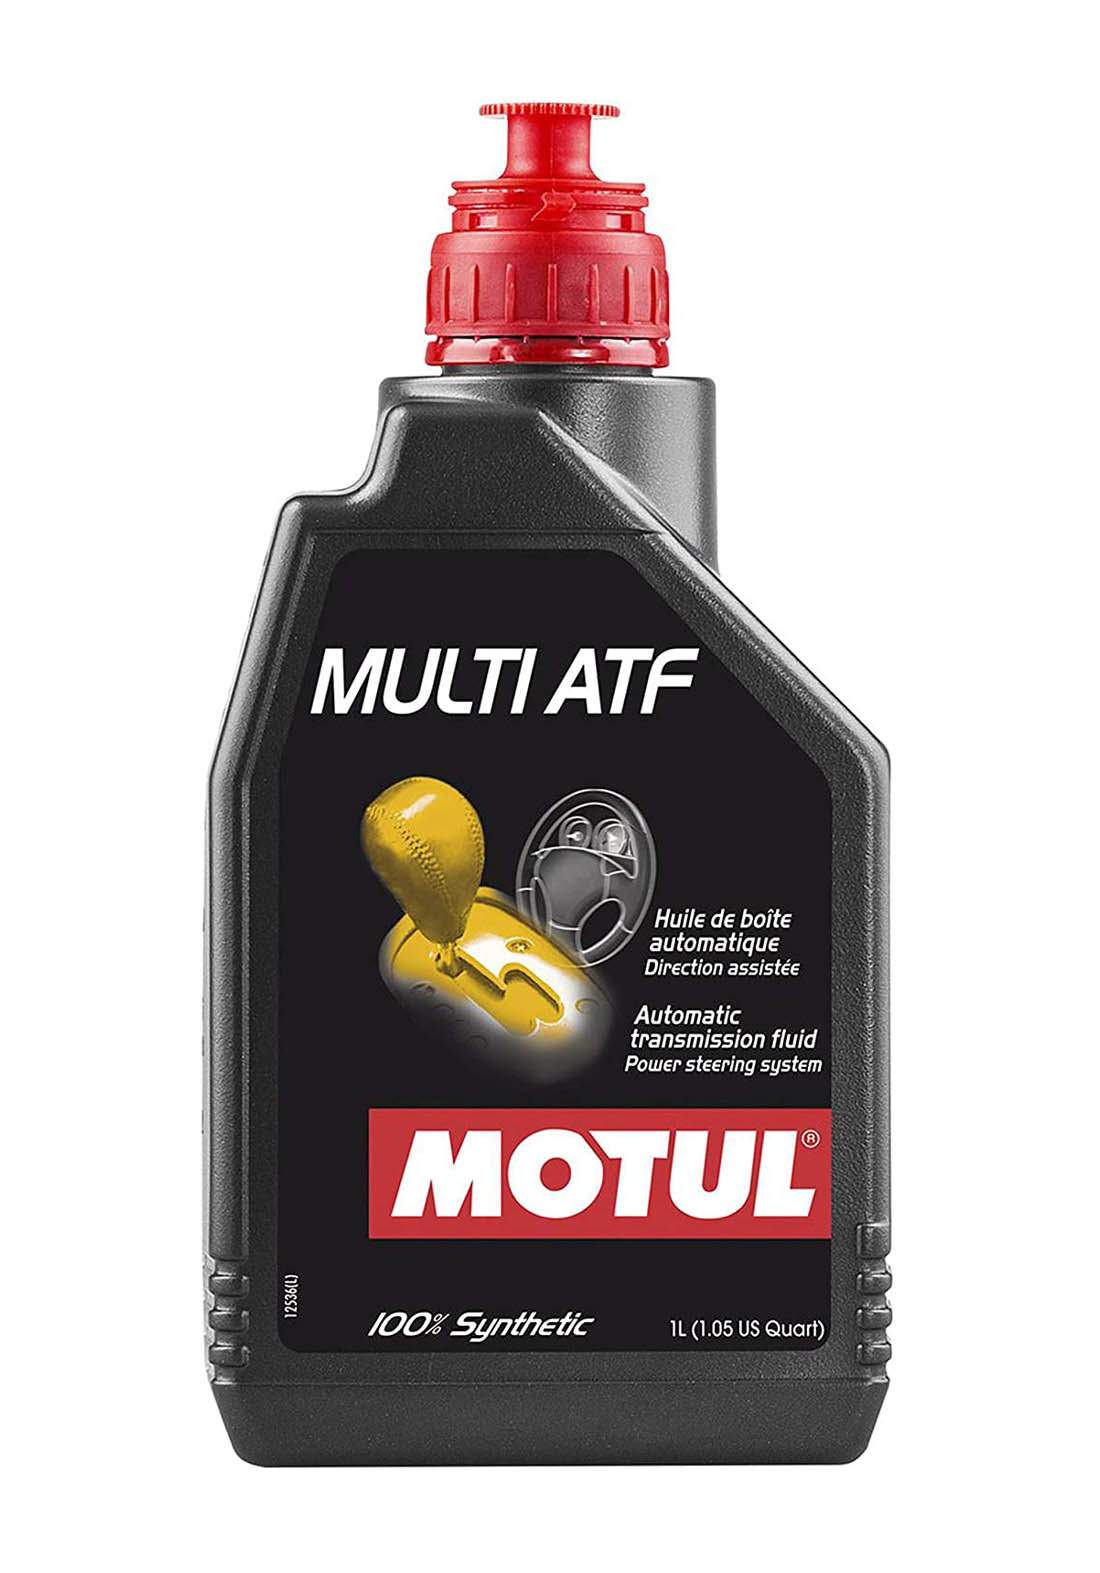 Motul Multi ATF  Transmision Multi ATF 100% Synthetic 1 L زيت لناقل الحركة